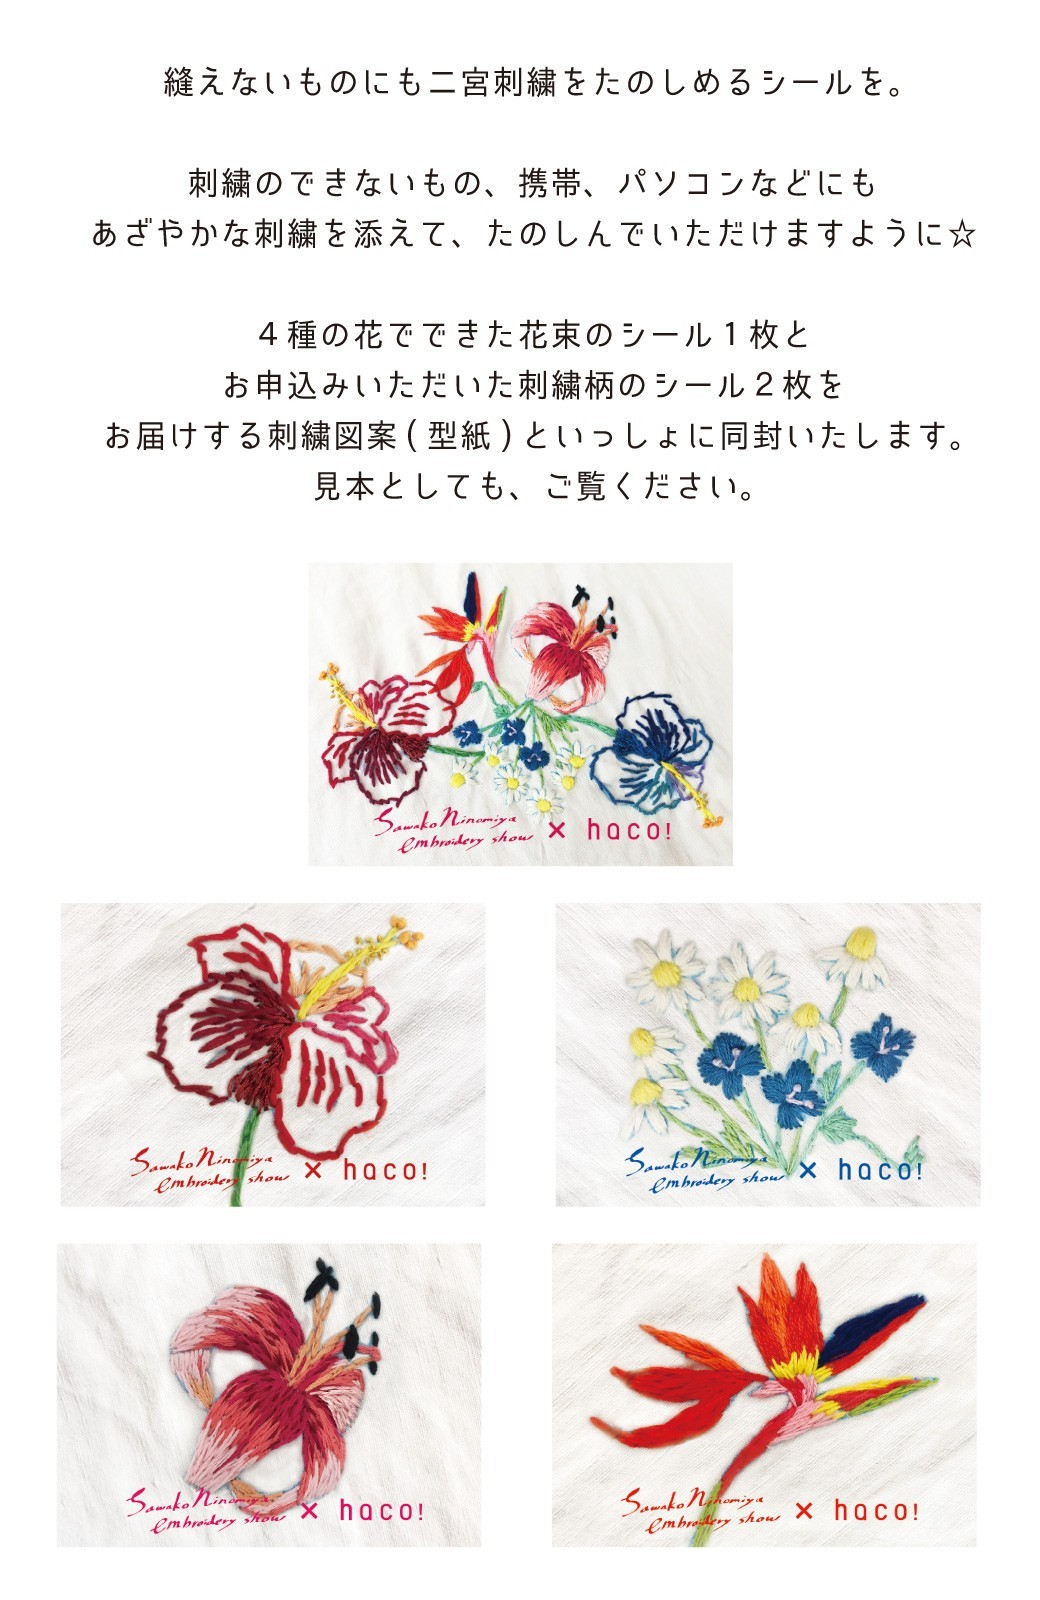 haco! haco! [haco! POST] 刺繍アーティスト二宮佐和子さんとみんなでワイワイ刺繍!zoom縫いワークショップ参加チケット 6/28・7/1開催<eros> <その他>の商品写真7